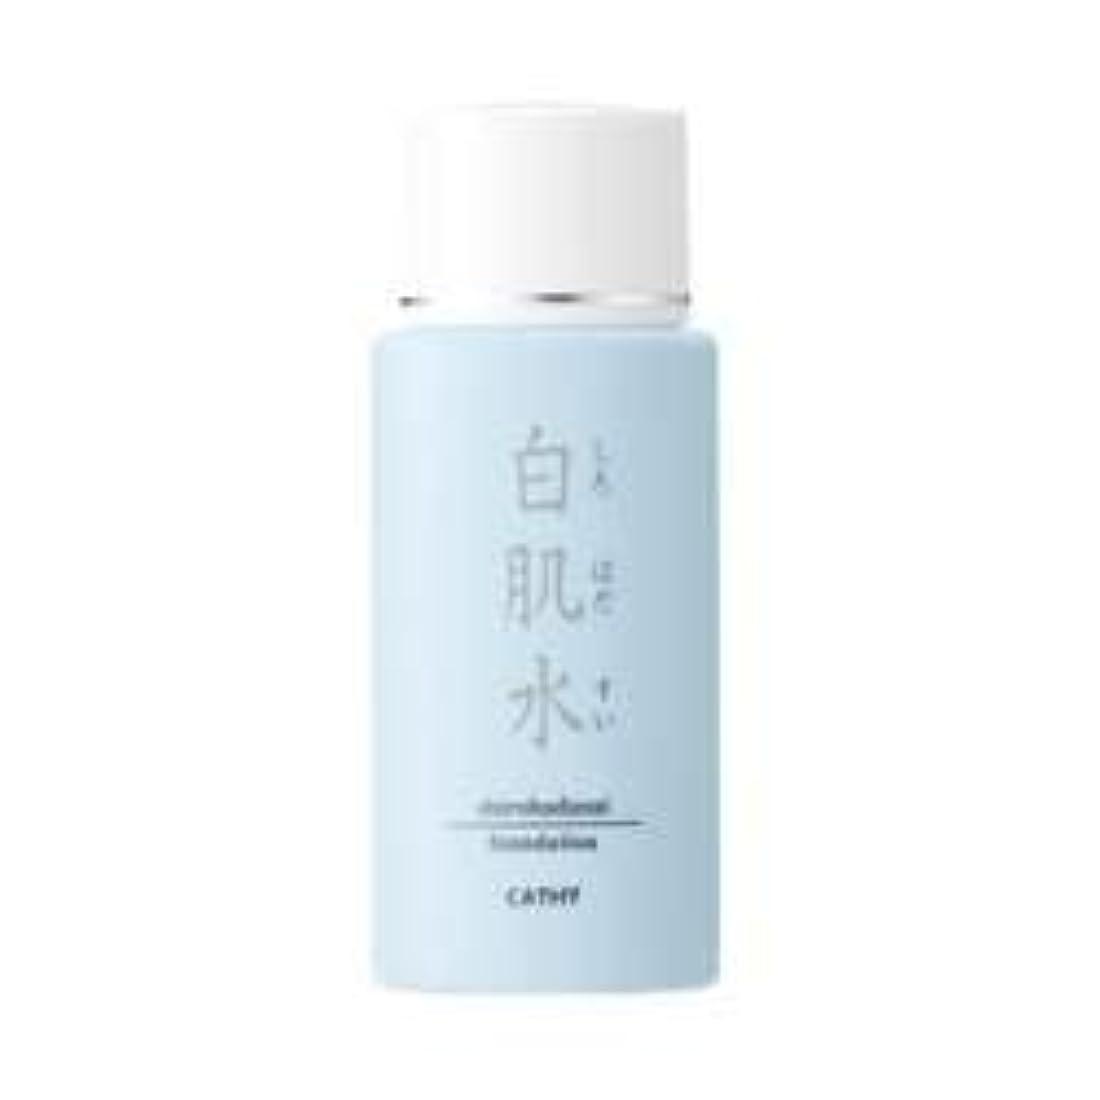 カシー 白肌水(55ml)